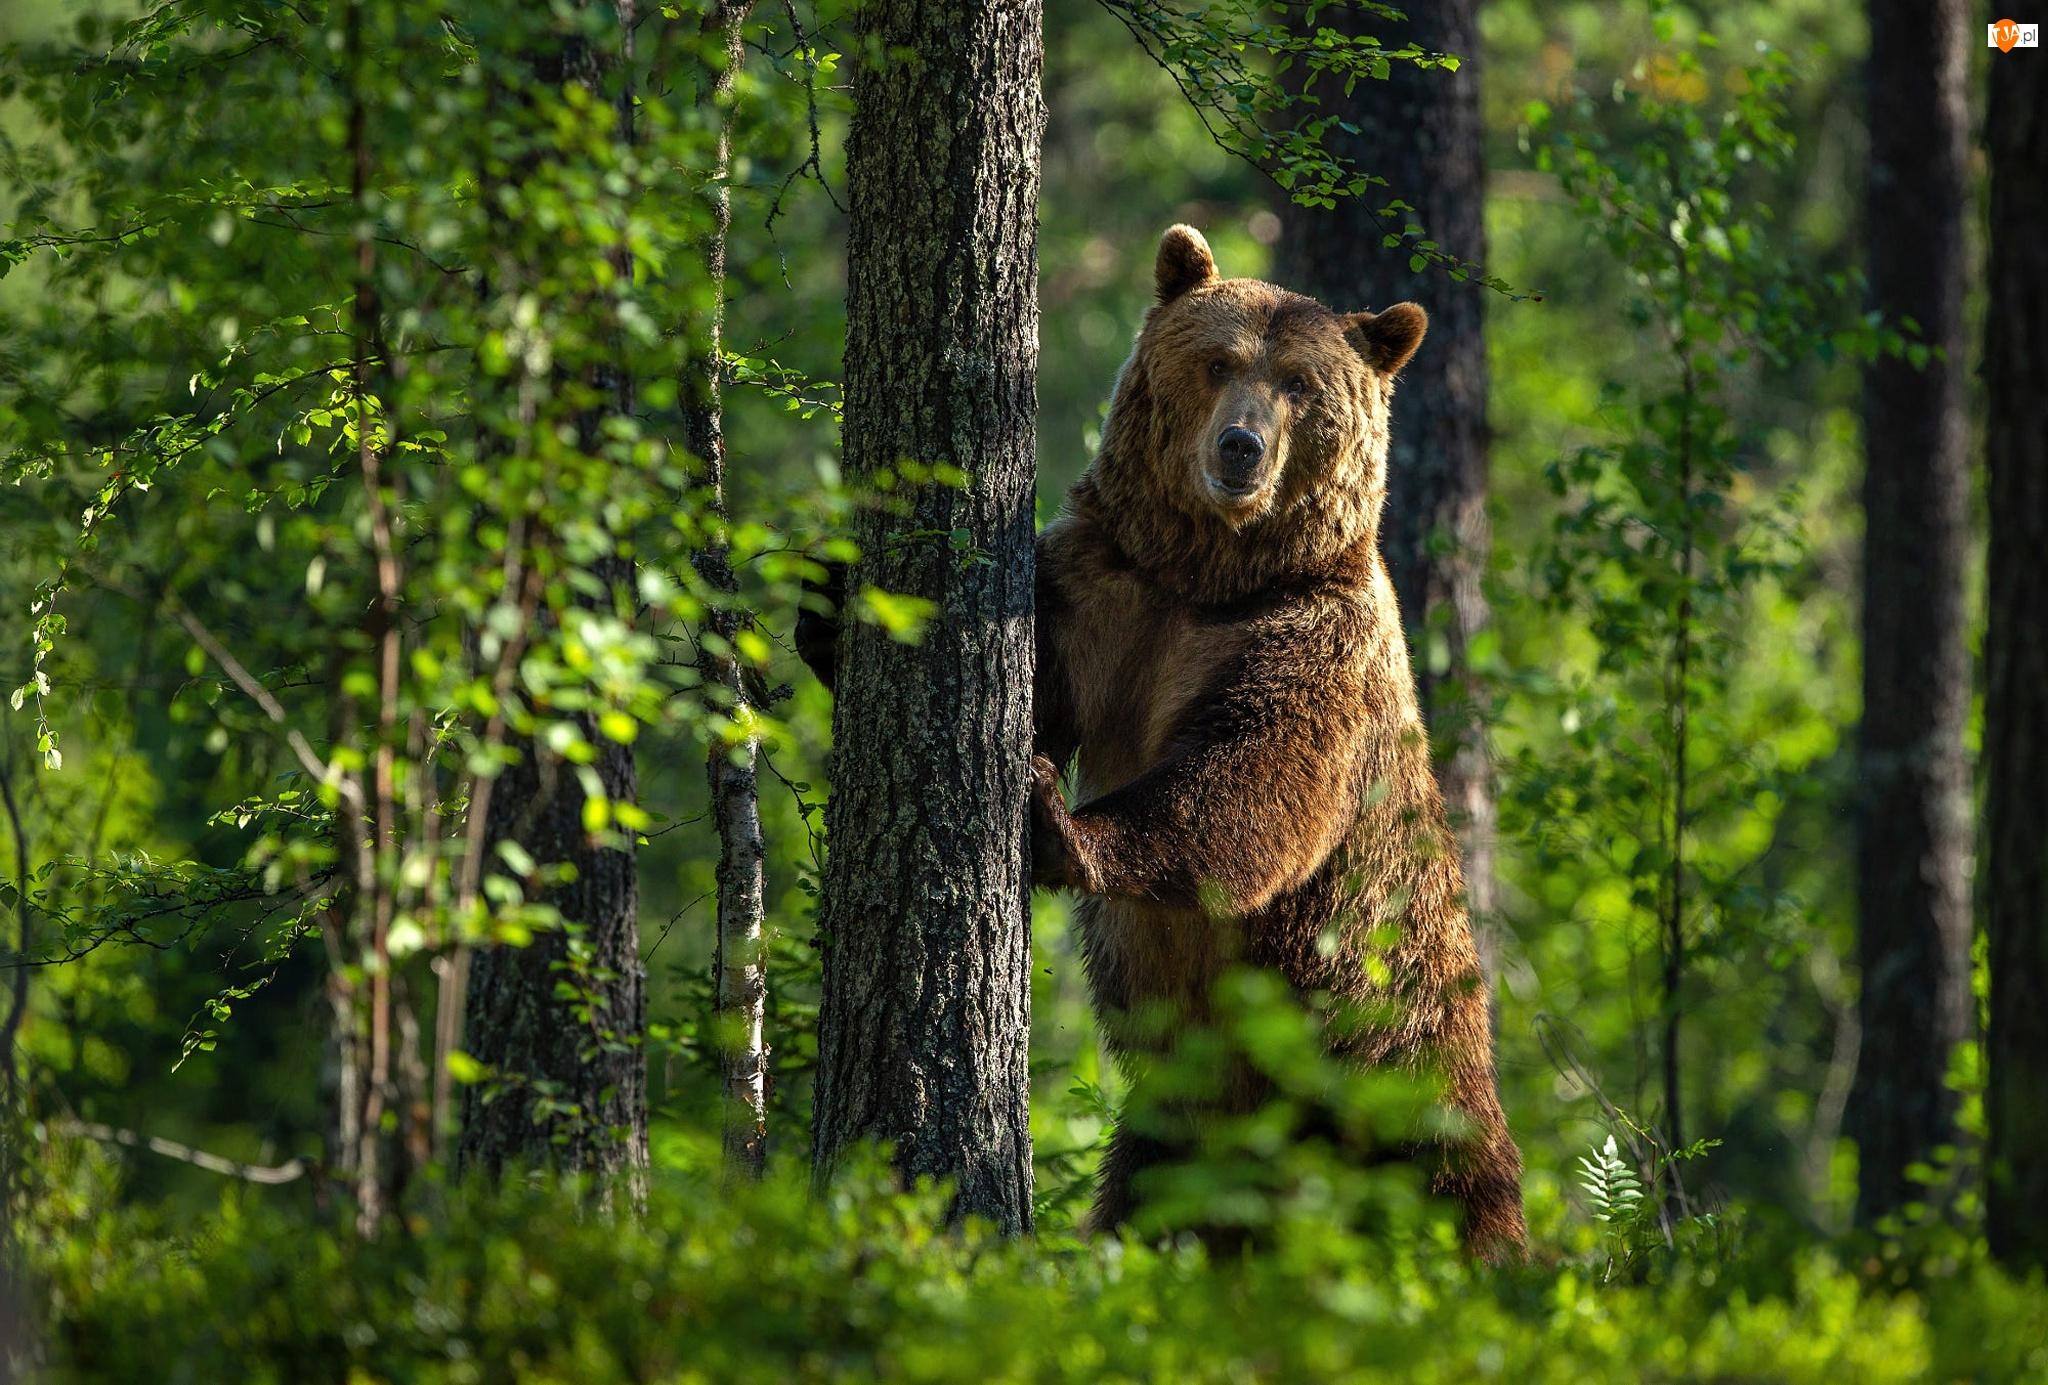 Zieleń, Niedźwiedź, Las, Drzewo